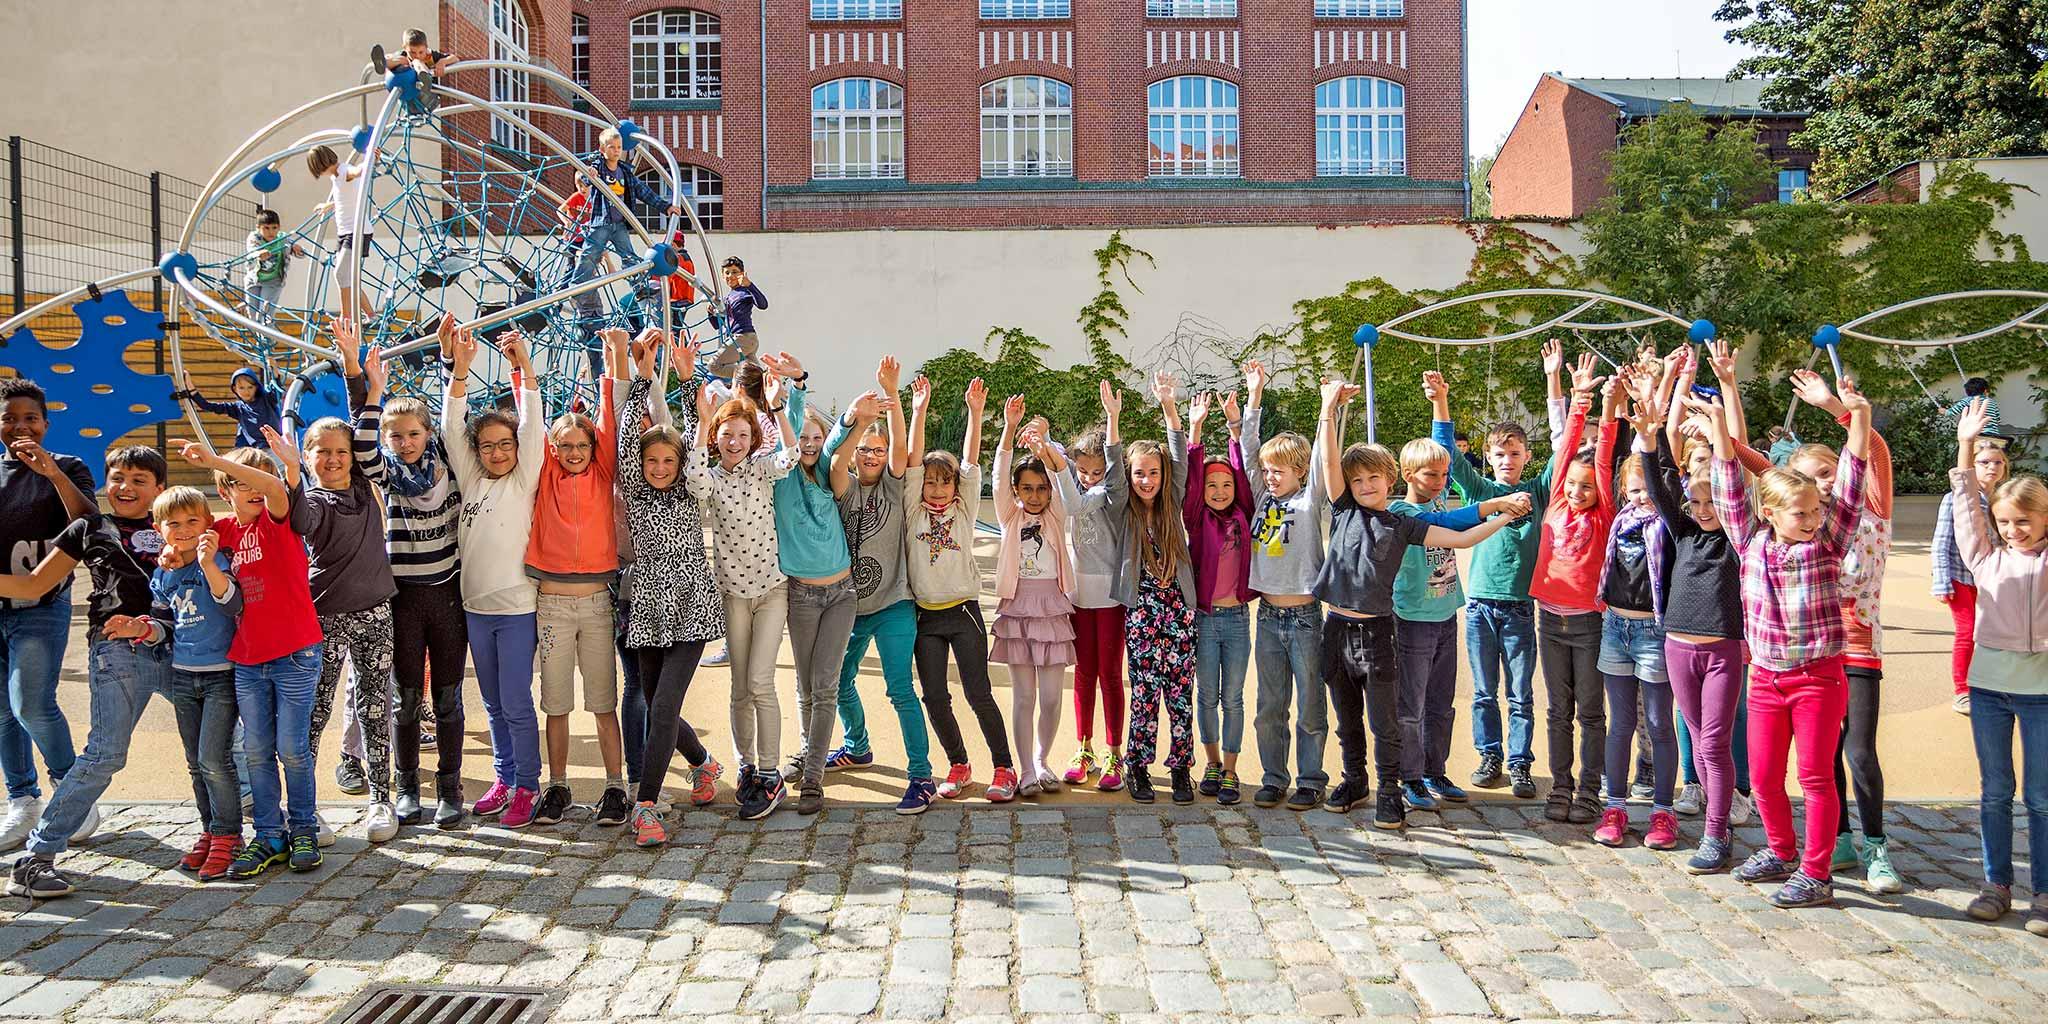 Eine Gruppe von fröhlichen SchülerInnen auf dem Schulhof